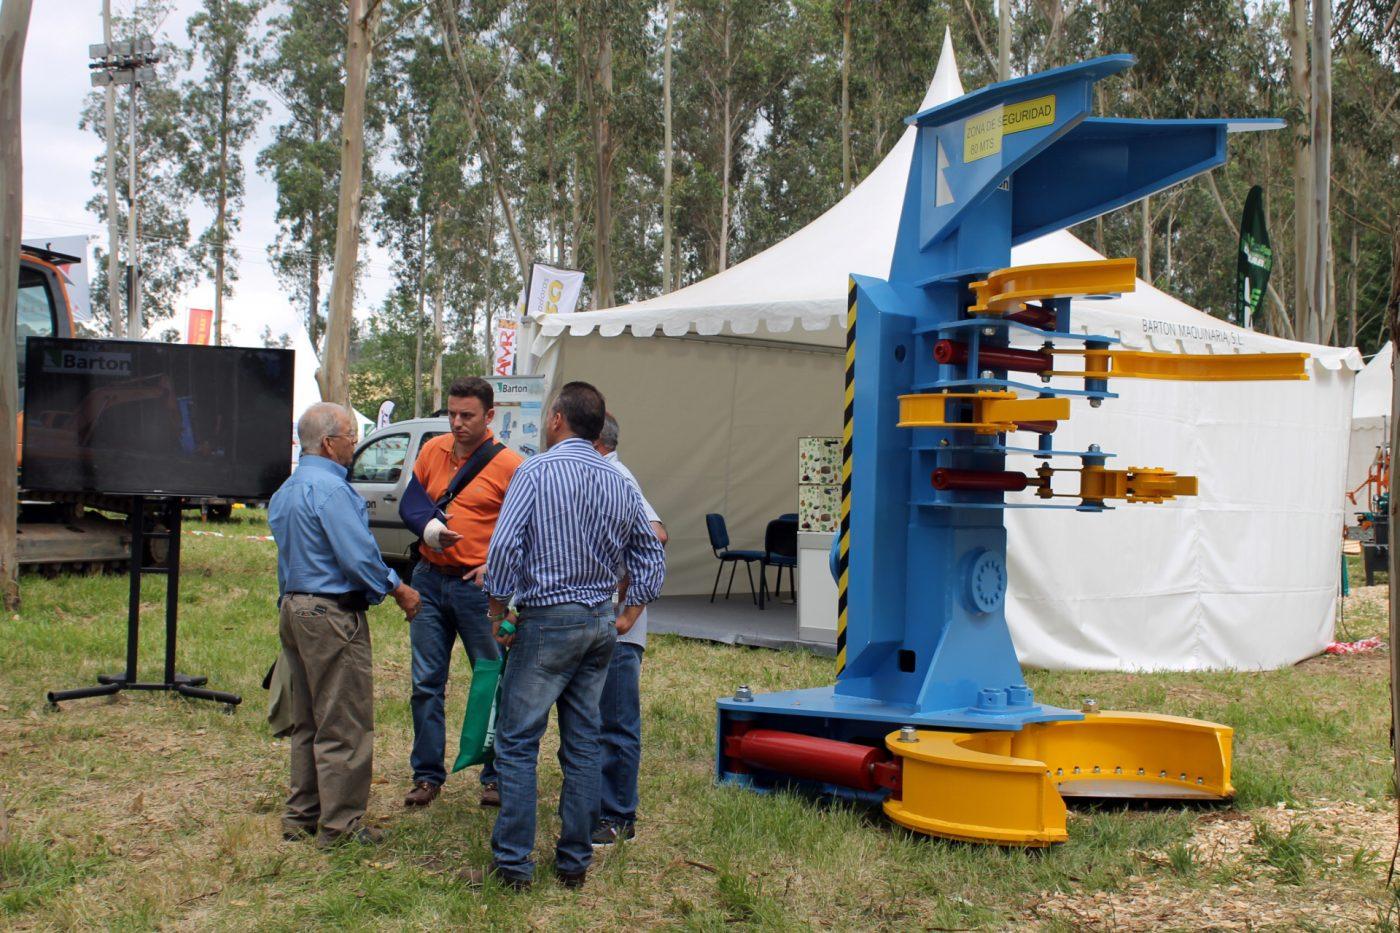 Nuevo talador forestal TDCB 600 G, de BARTON